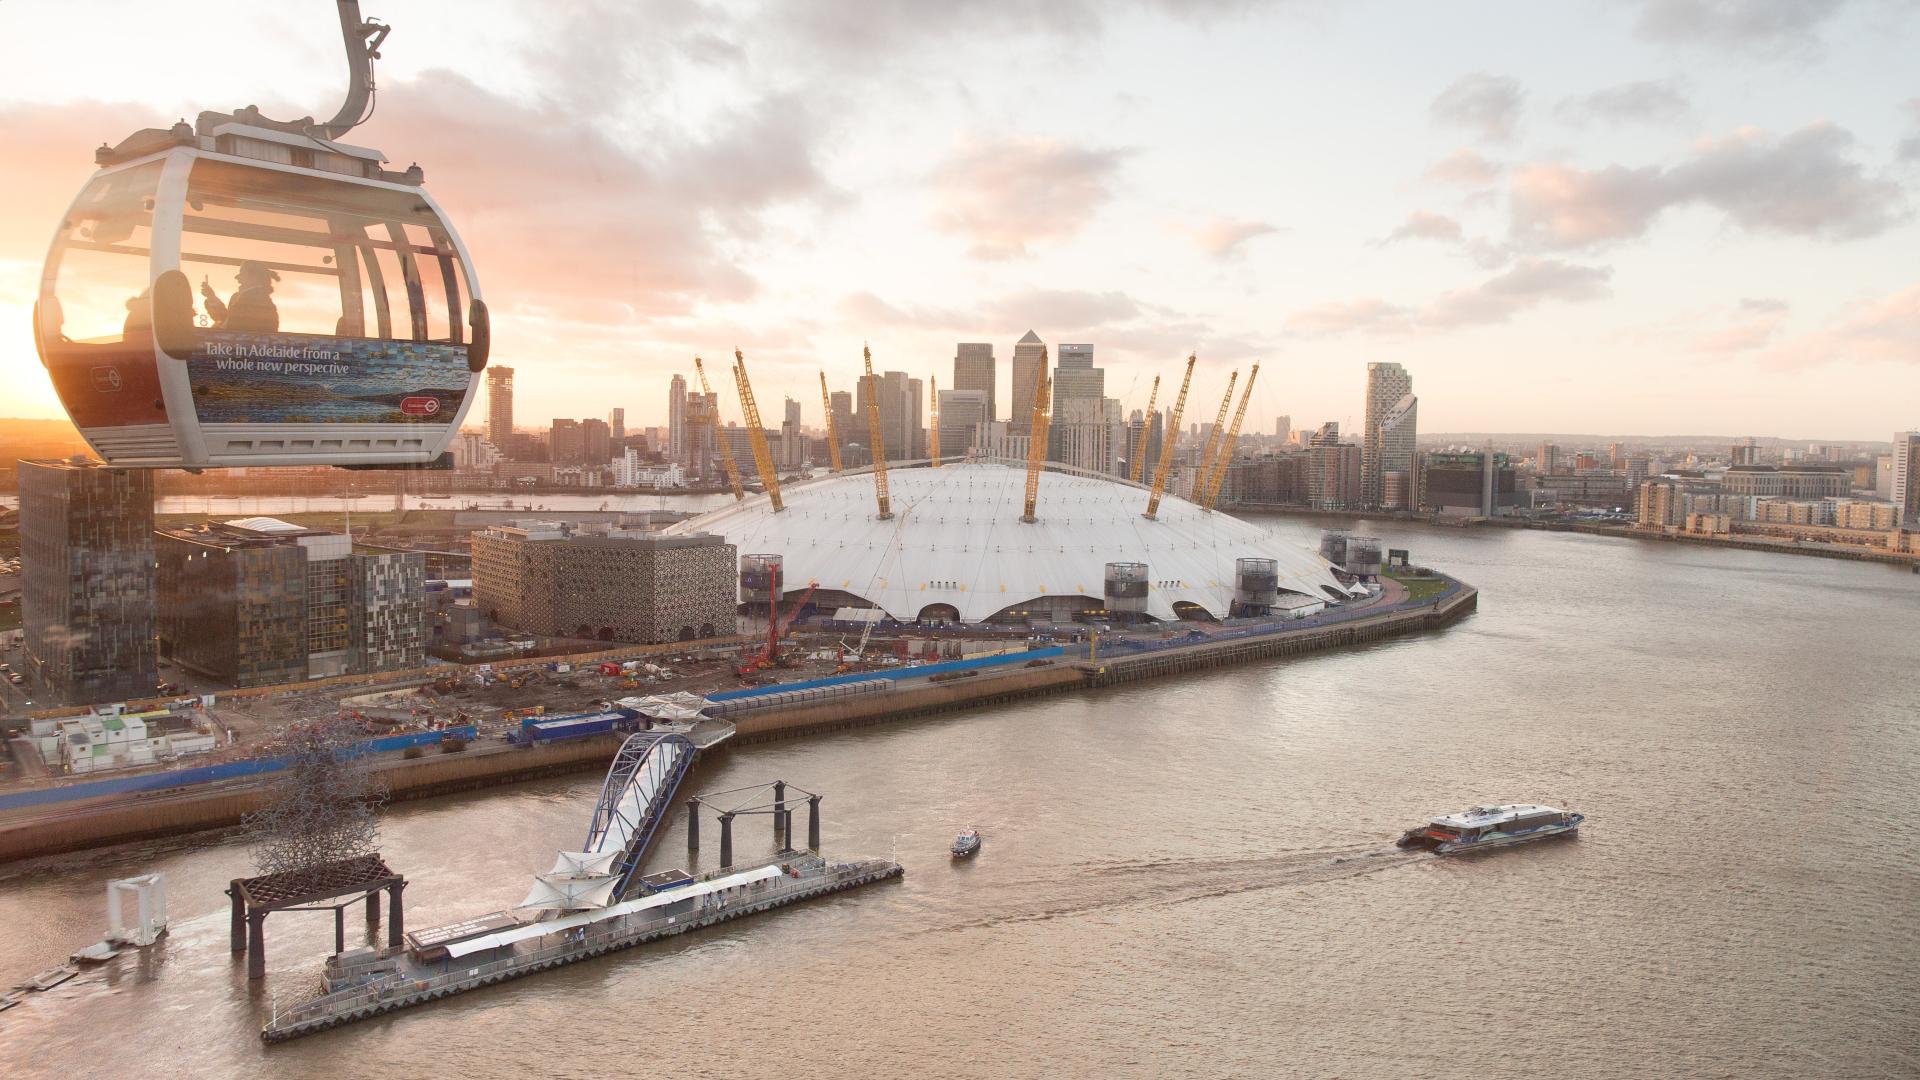 Le soleil se couche sur Greenwich, The O2 et la télécabine Emirates Air Line.